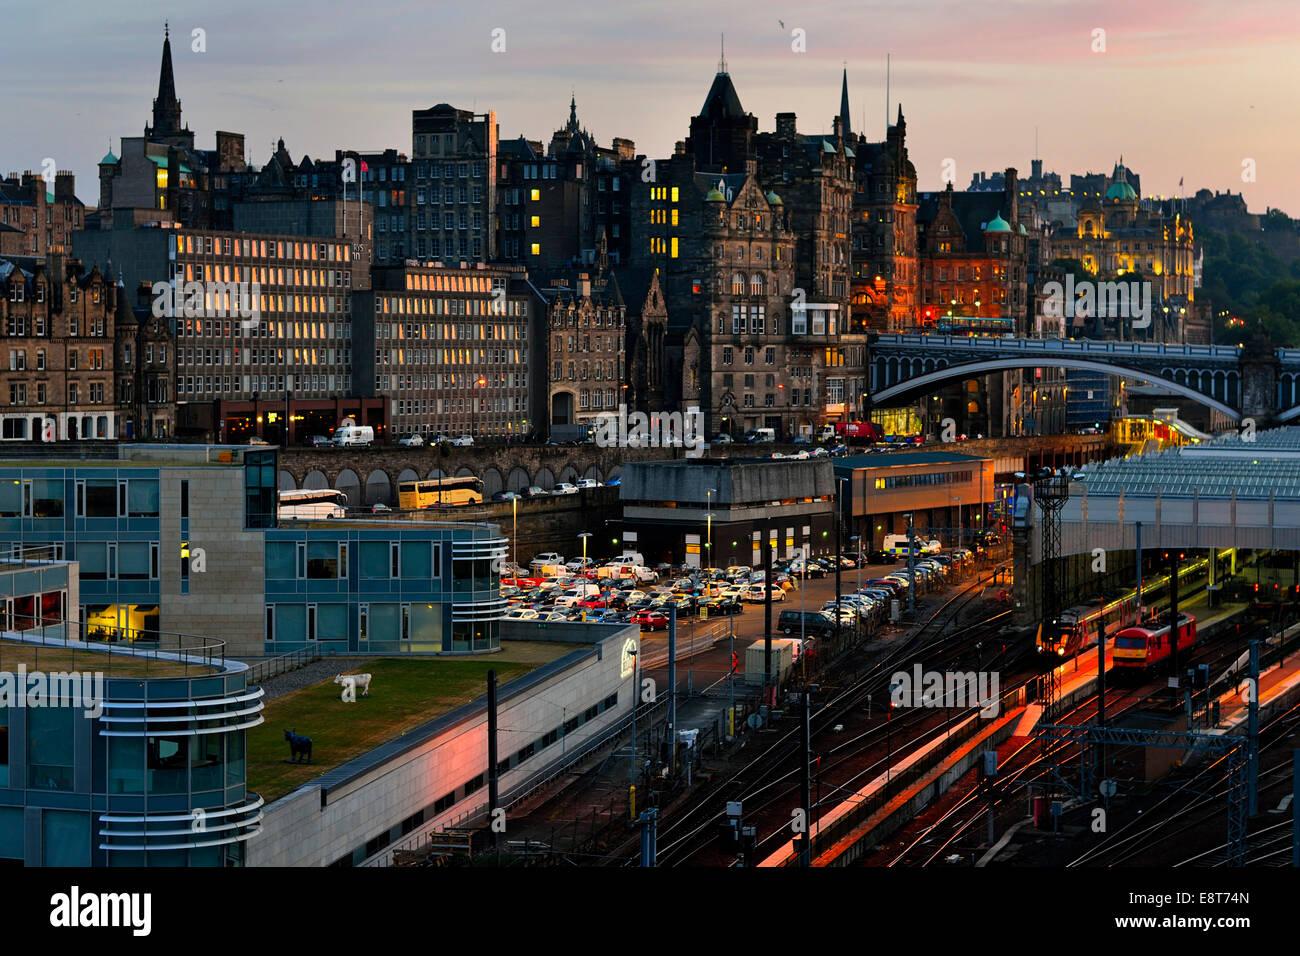 Vue sur la station de chemin de fer sur la vieille ville au crépuscule, Édimbourg, Écosse, Royaume Photo Stock